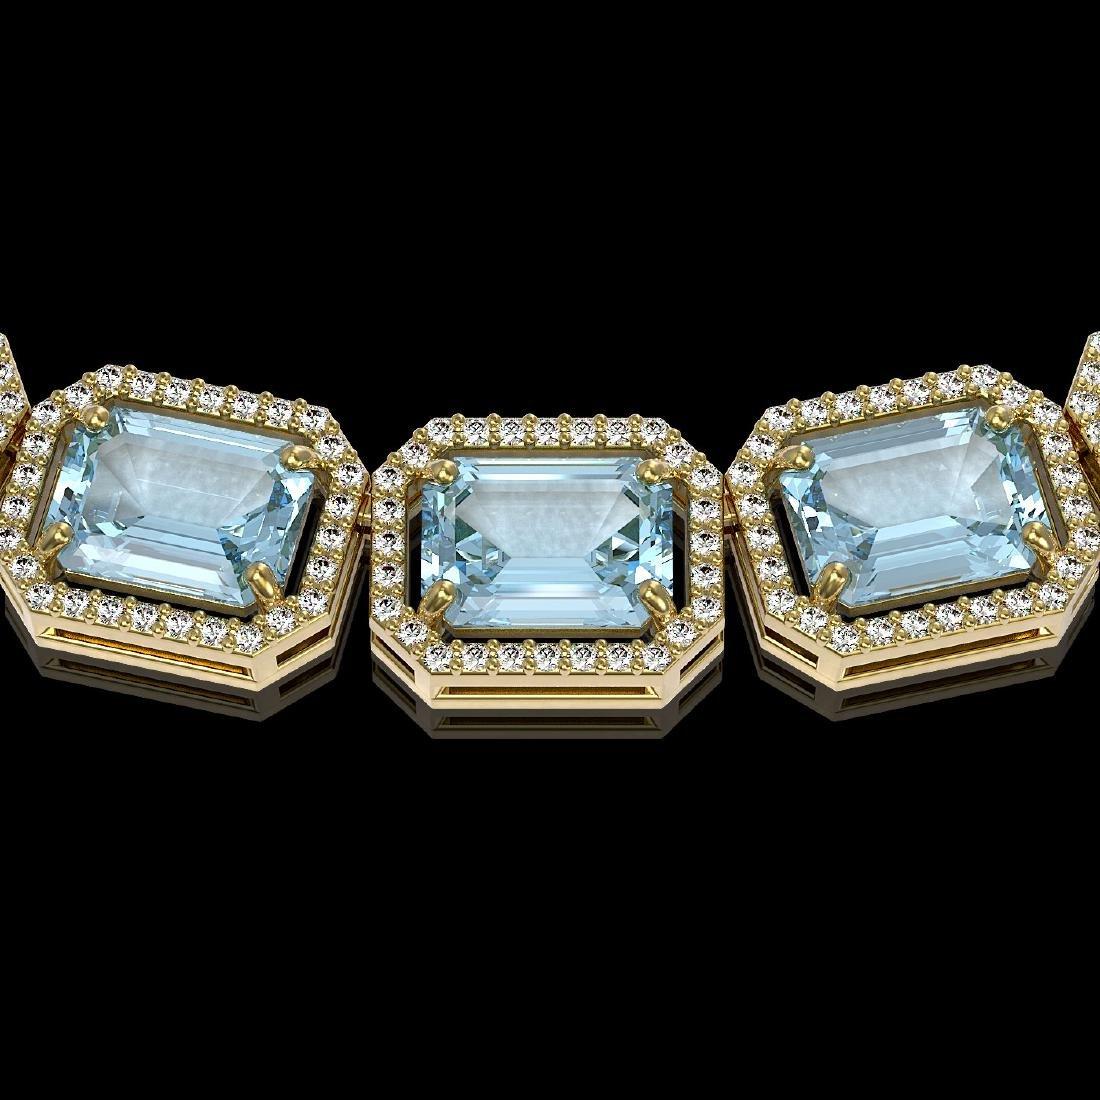 78.34 CTW Sky Topaz & Diamond Halo Necklace 10K Yellow - 3